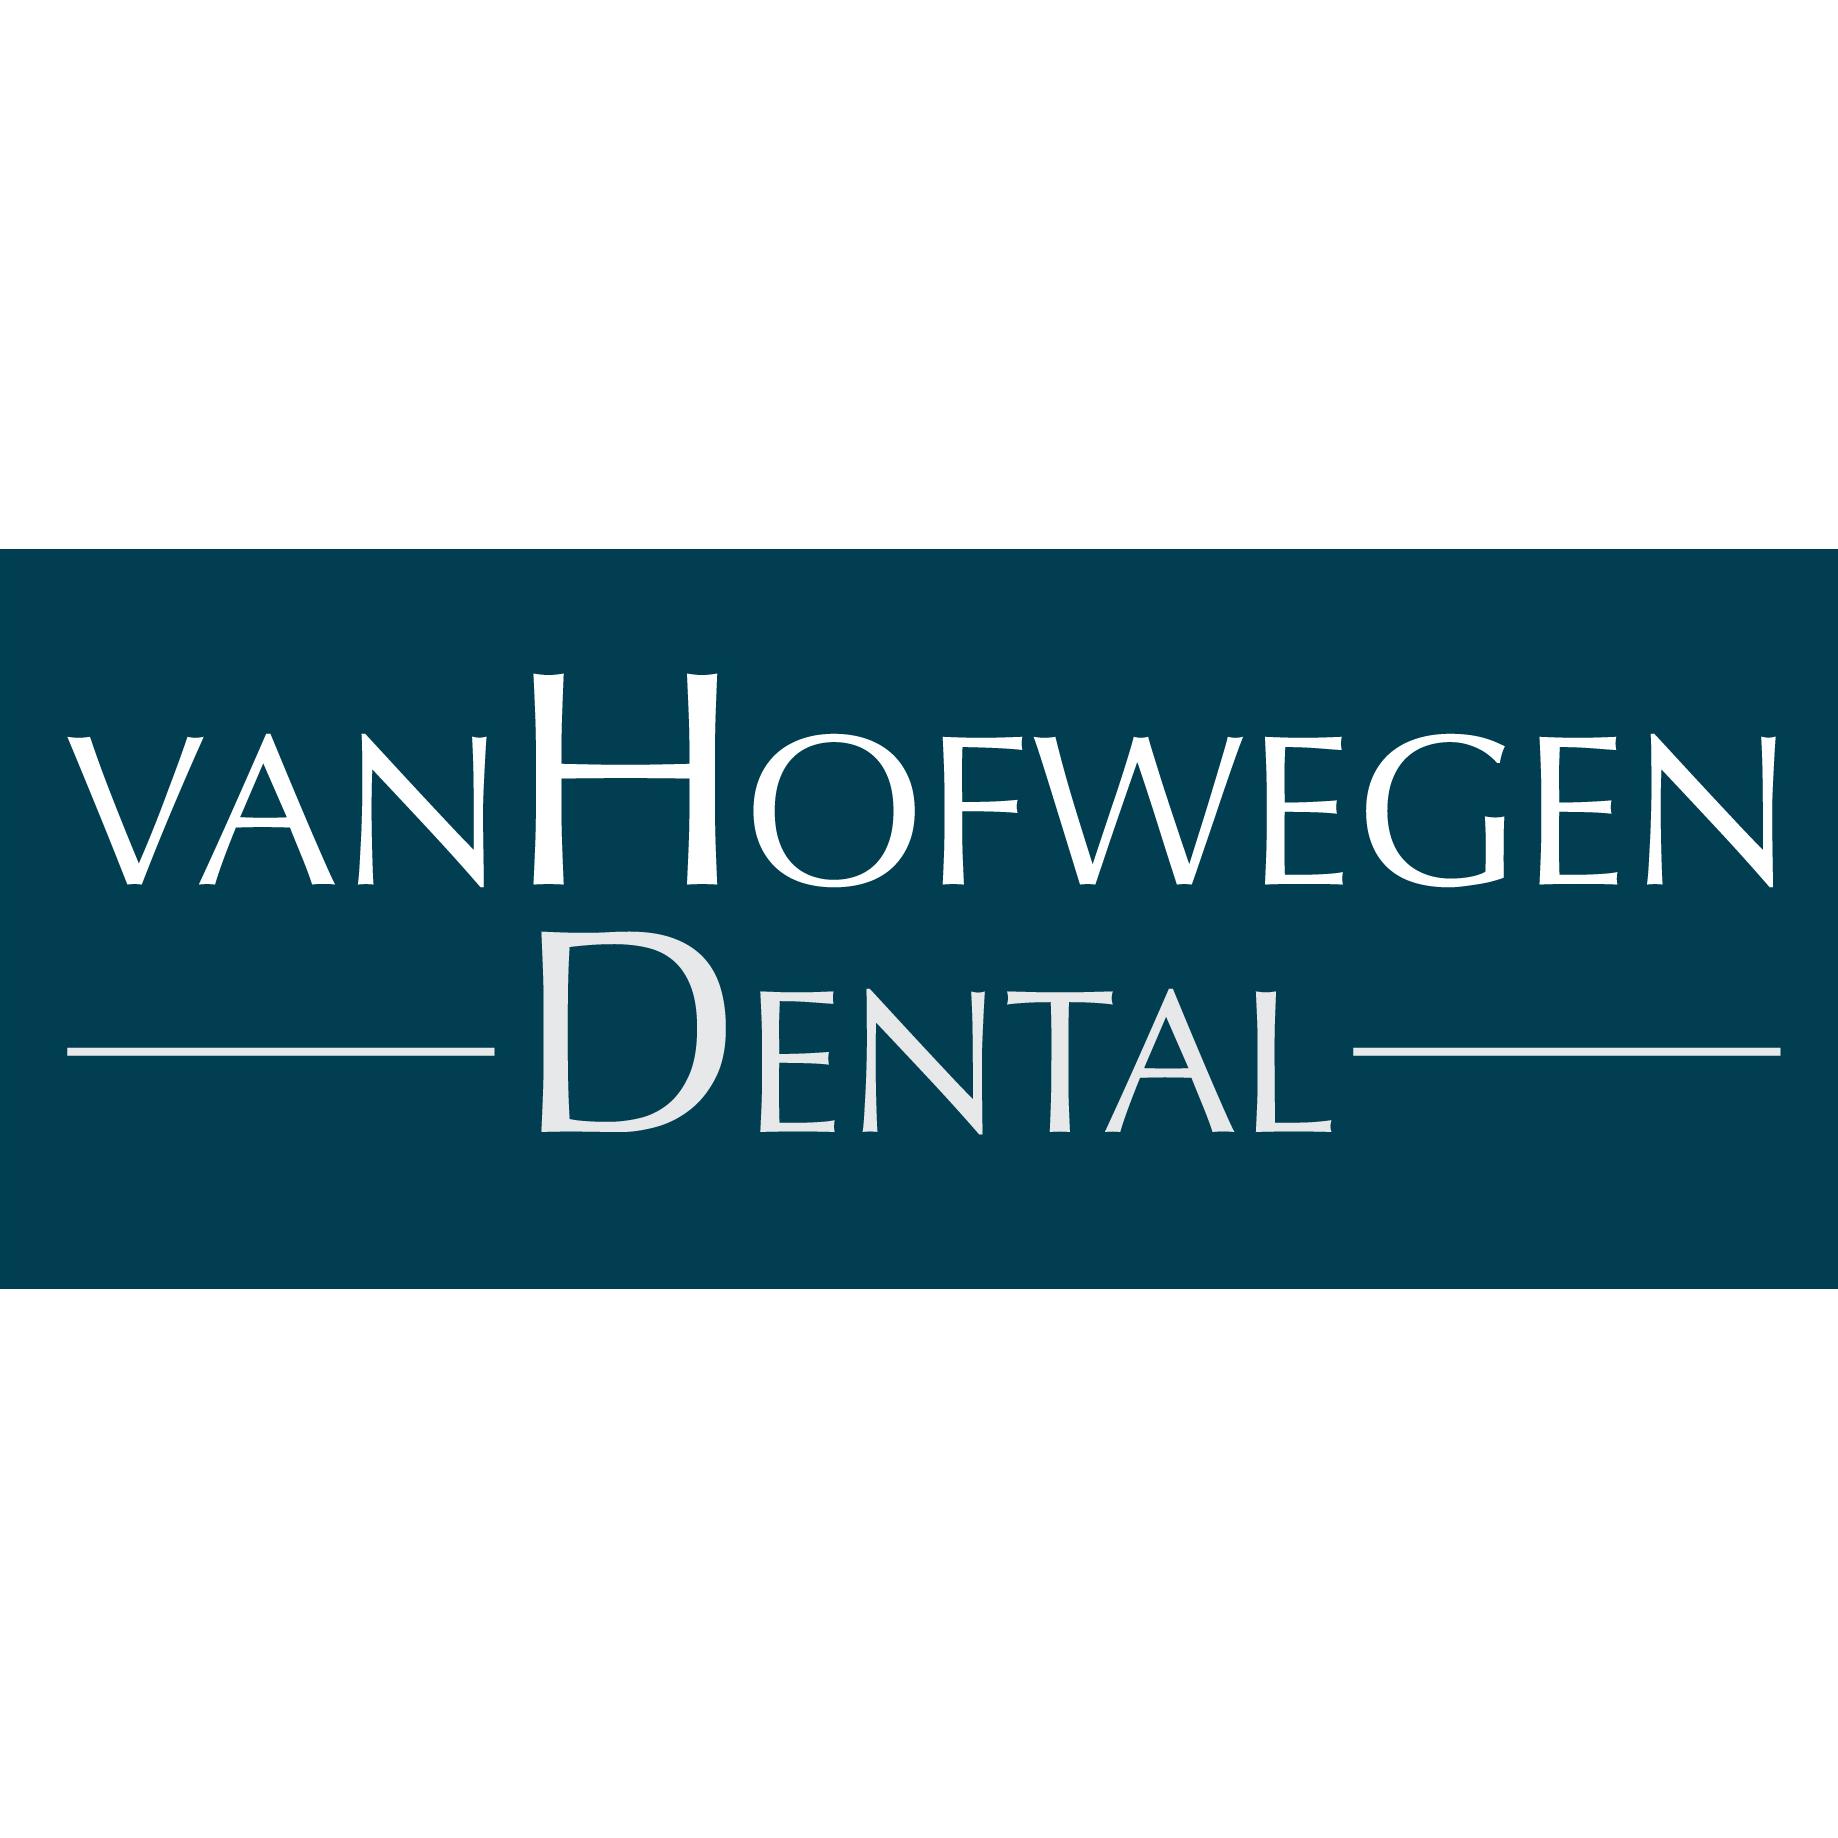 van Hofwegen Dental image 1